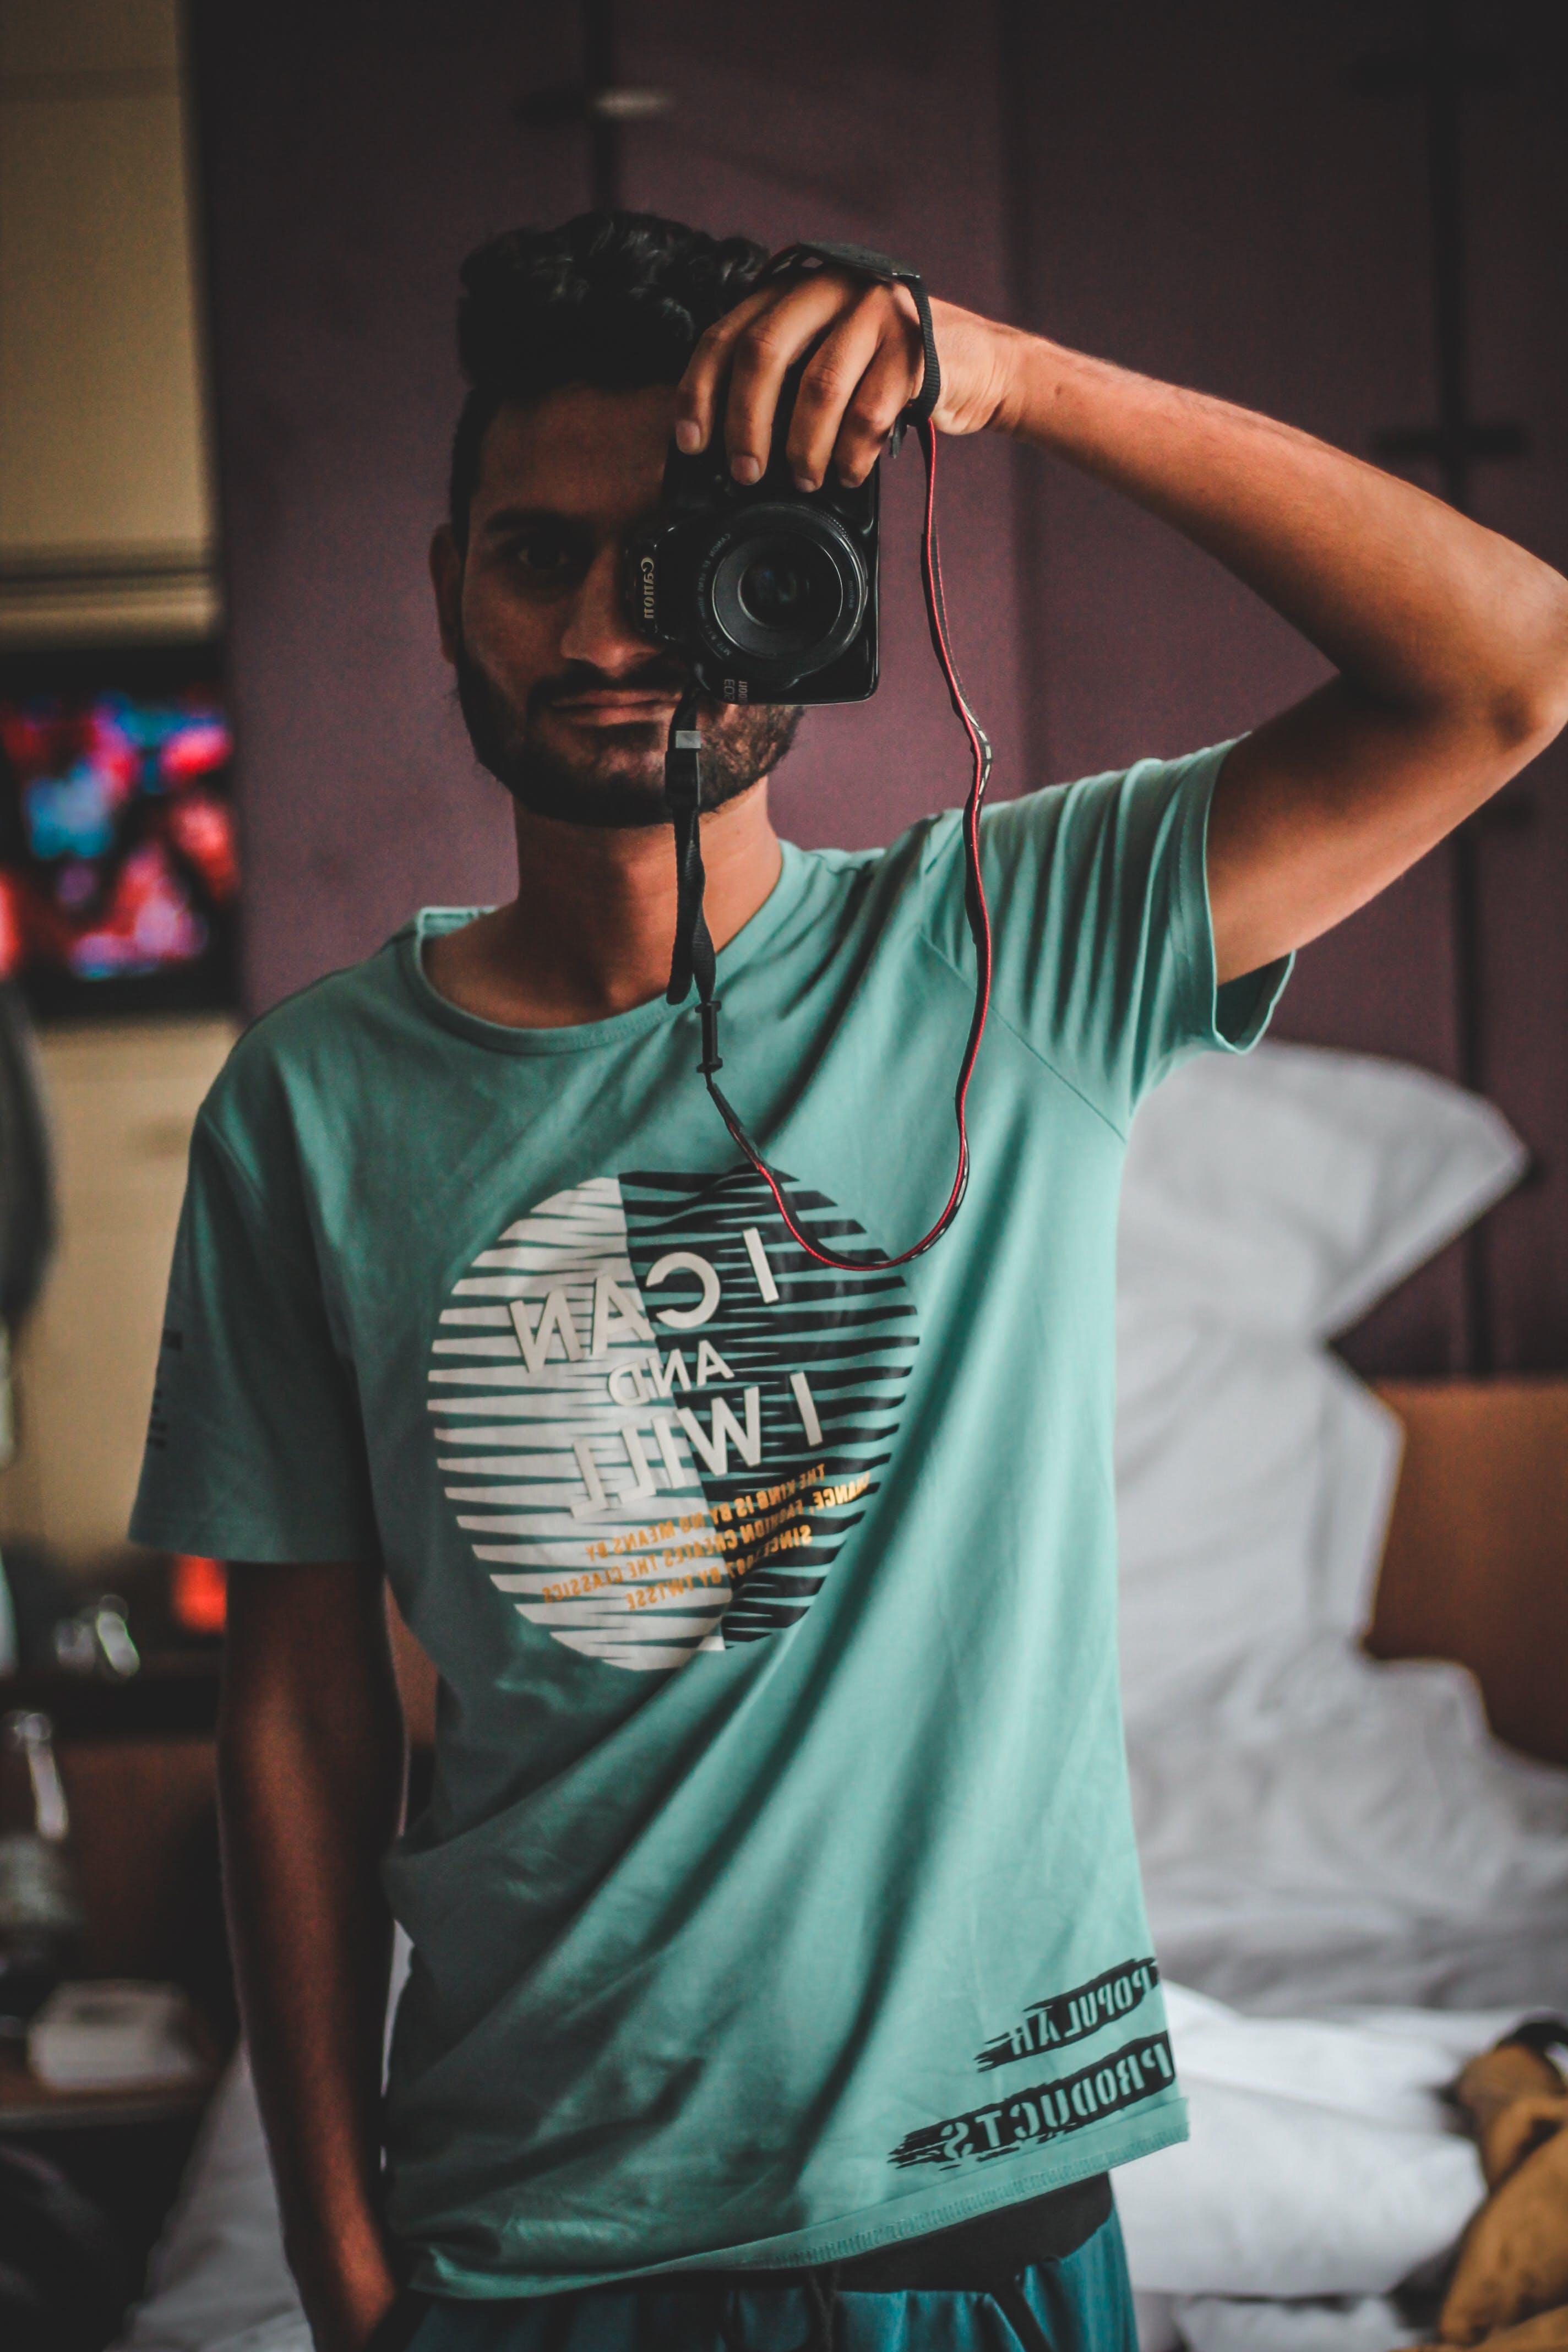 おとこ, カメラ, ハンサム, 人の無料の写真素材